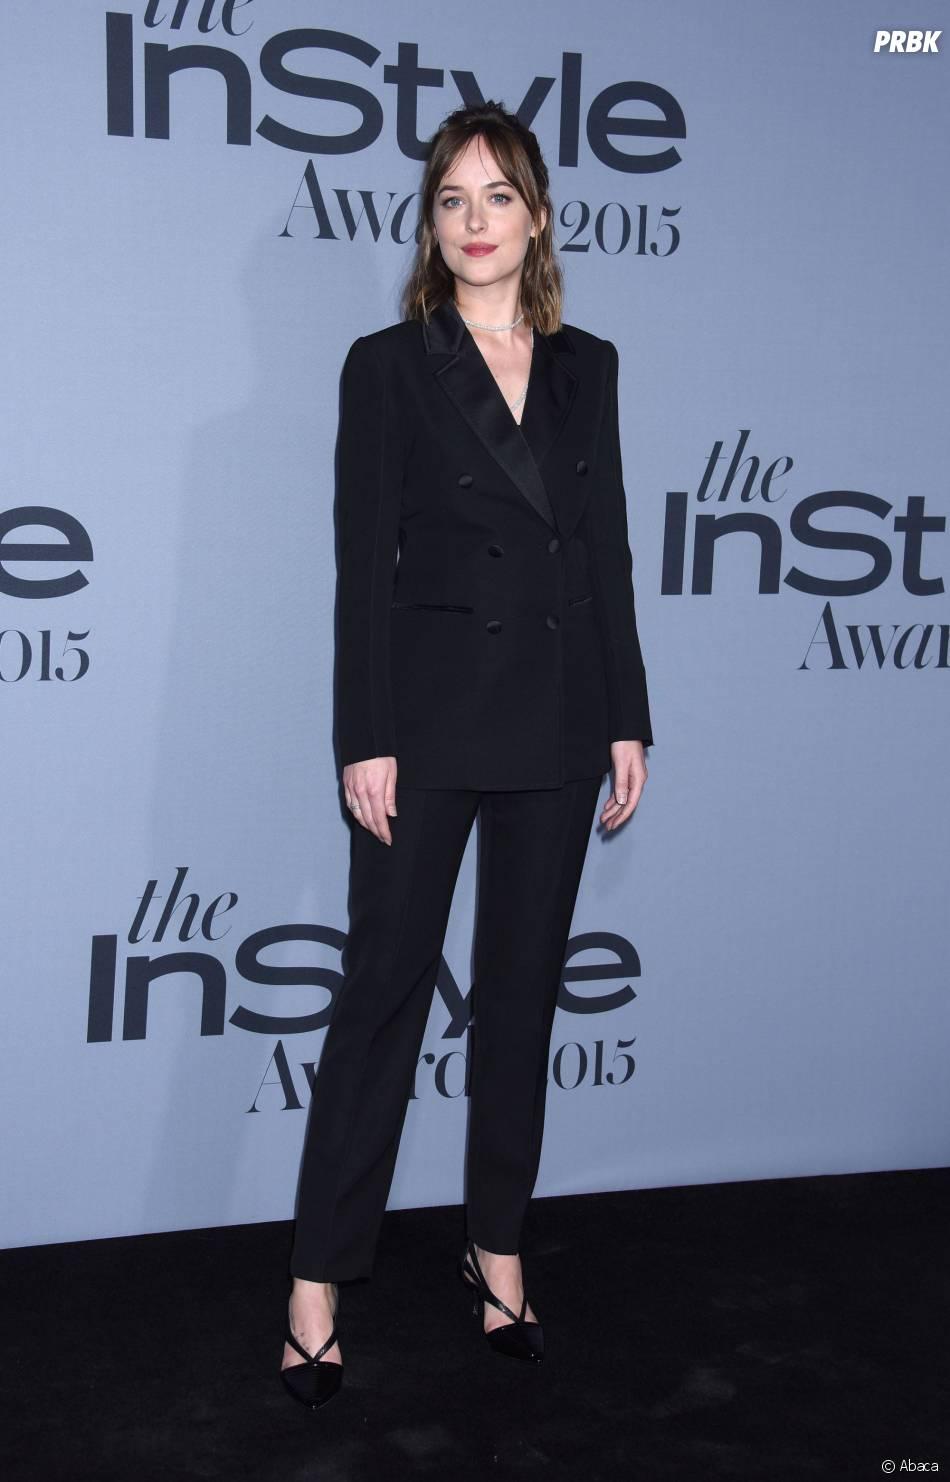 Dakota Johnson aux InStyle Awards le 26 octobre 2015 à Los Angeles